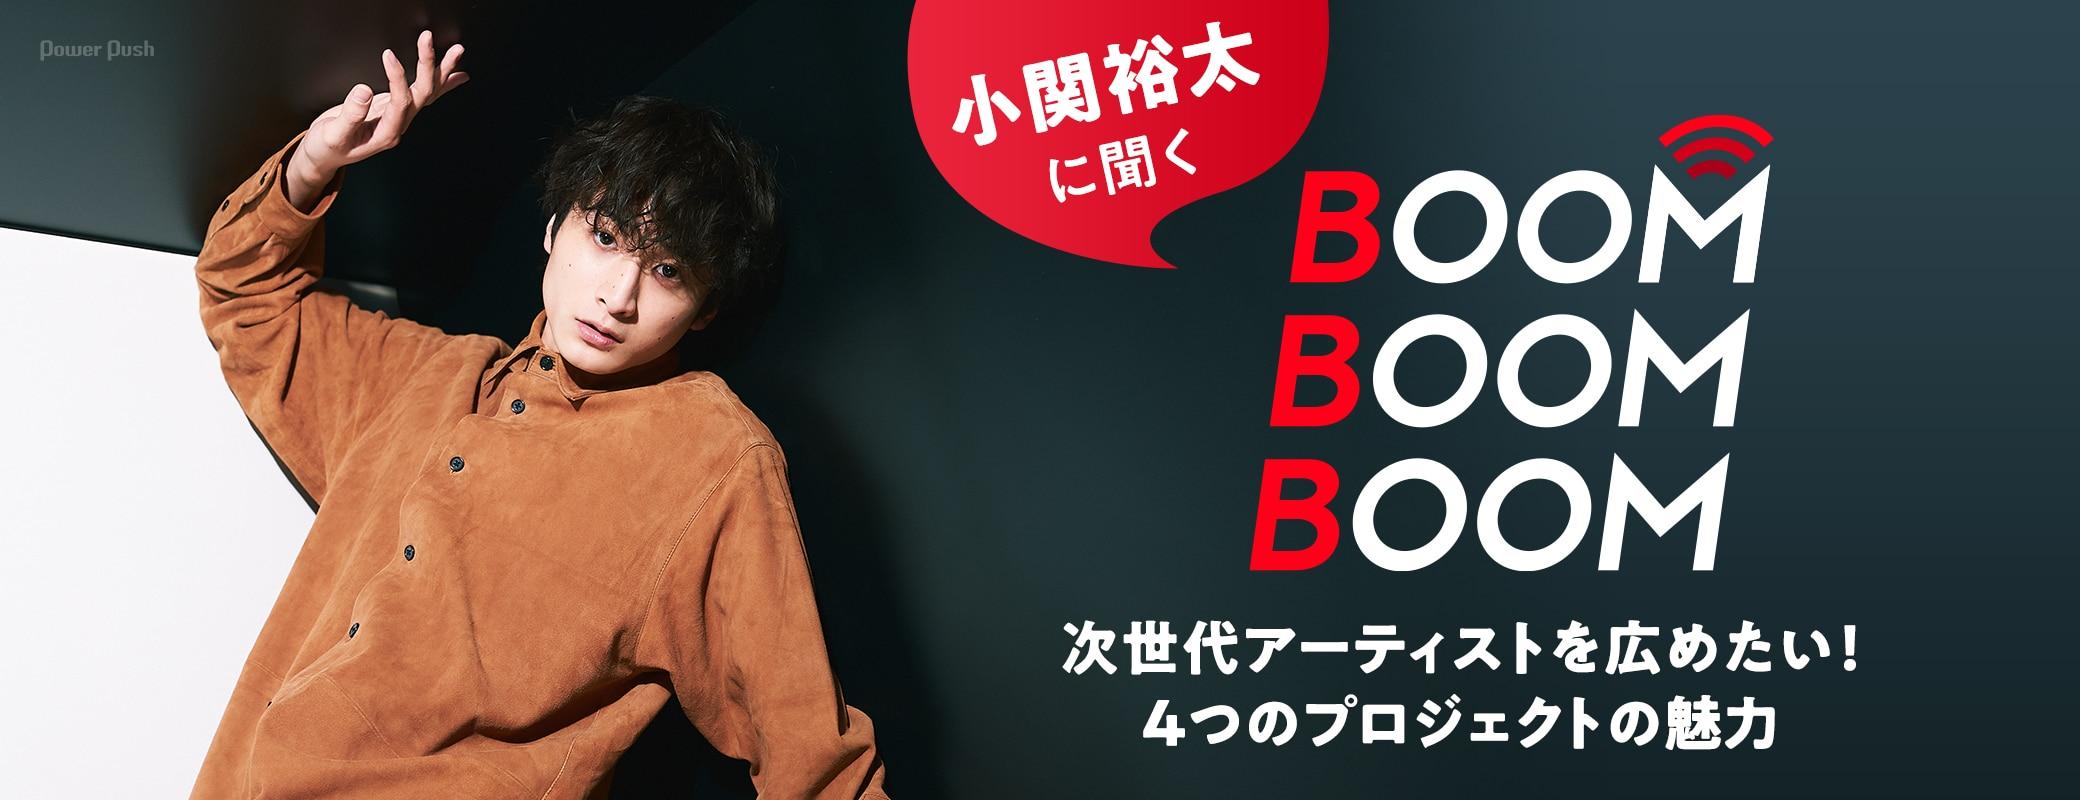 「BOOM BOOM BOOM」小関裕太|次世代アーティストを広めたい!4つのプロジェクトの魅力